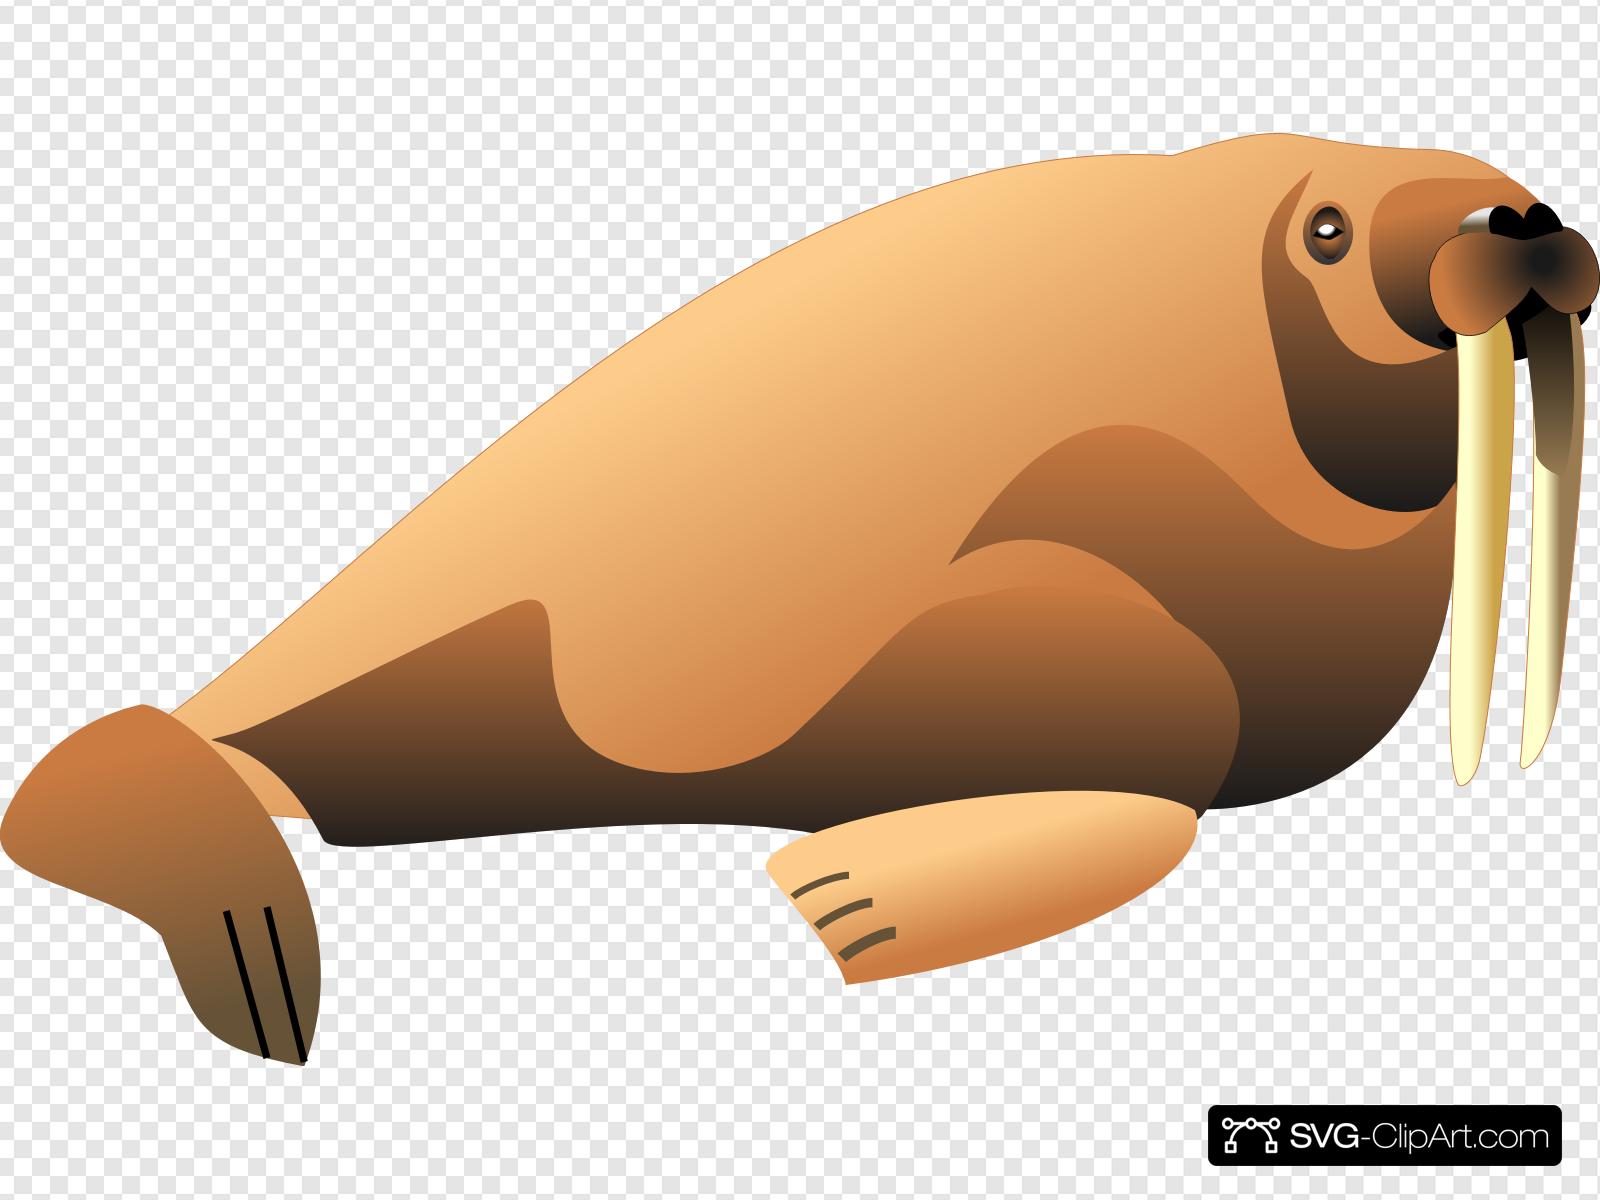 Walrus clipart svg. Animal clip art icon